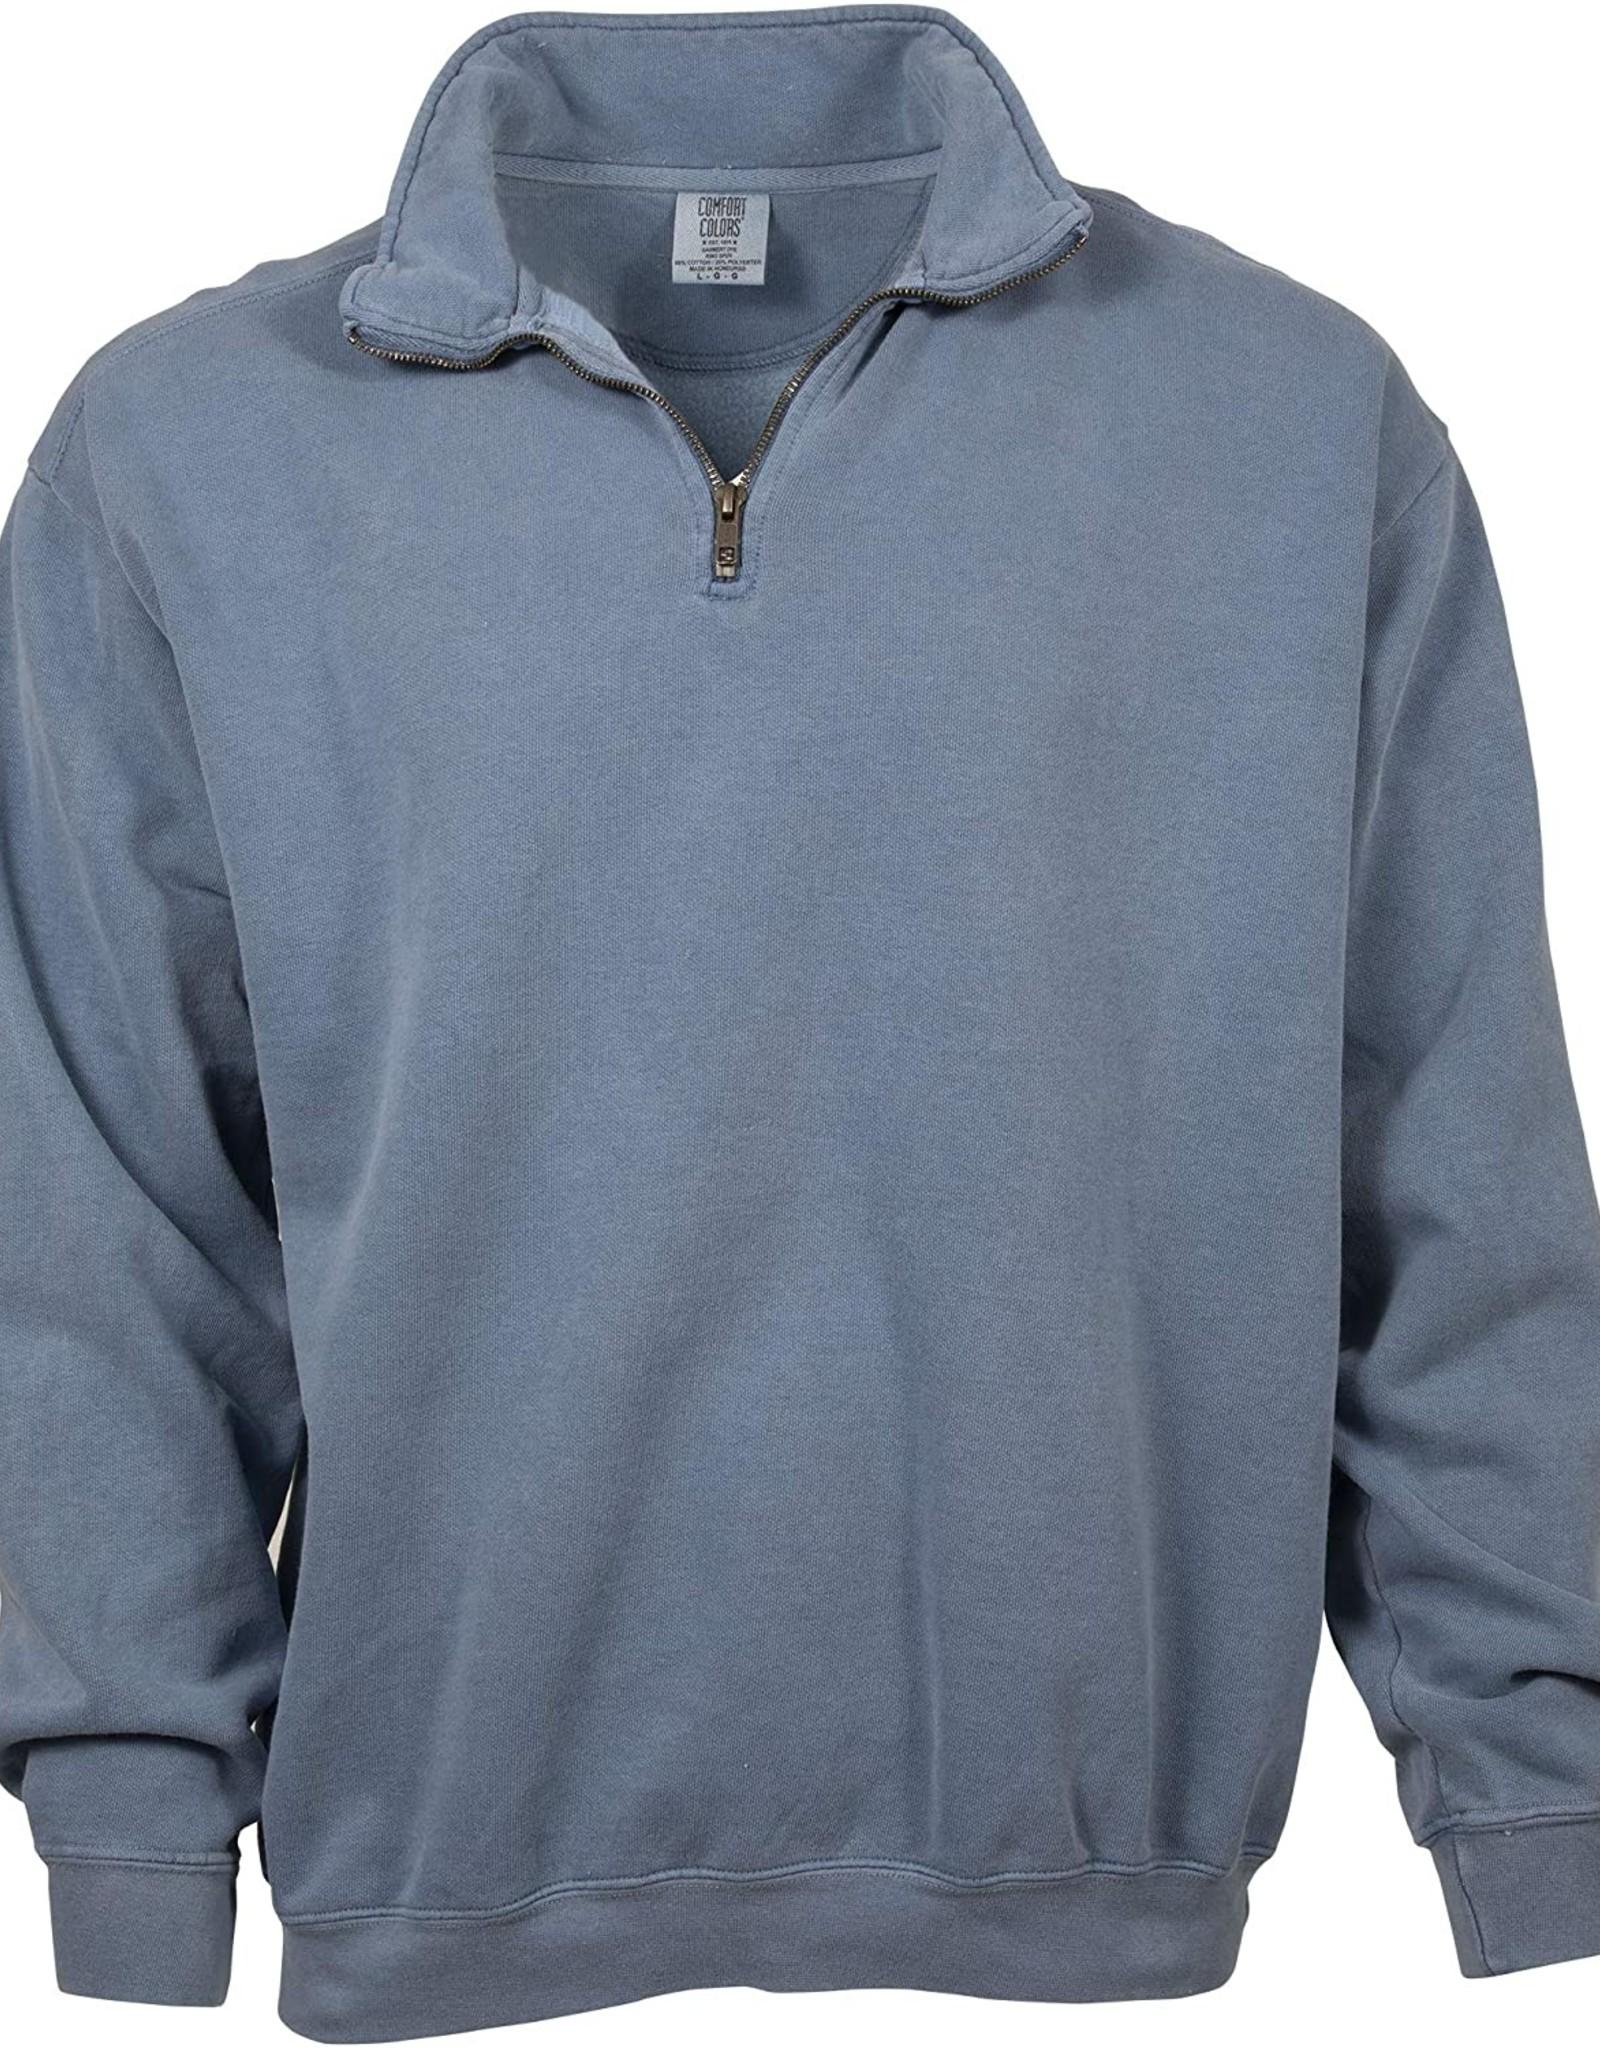 Comfort Colors Comfort Colors 1/4 Zip Sweatshirt